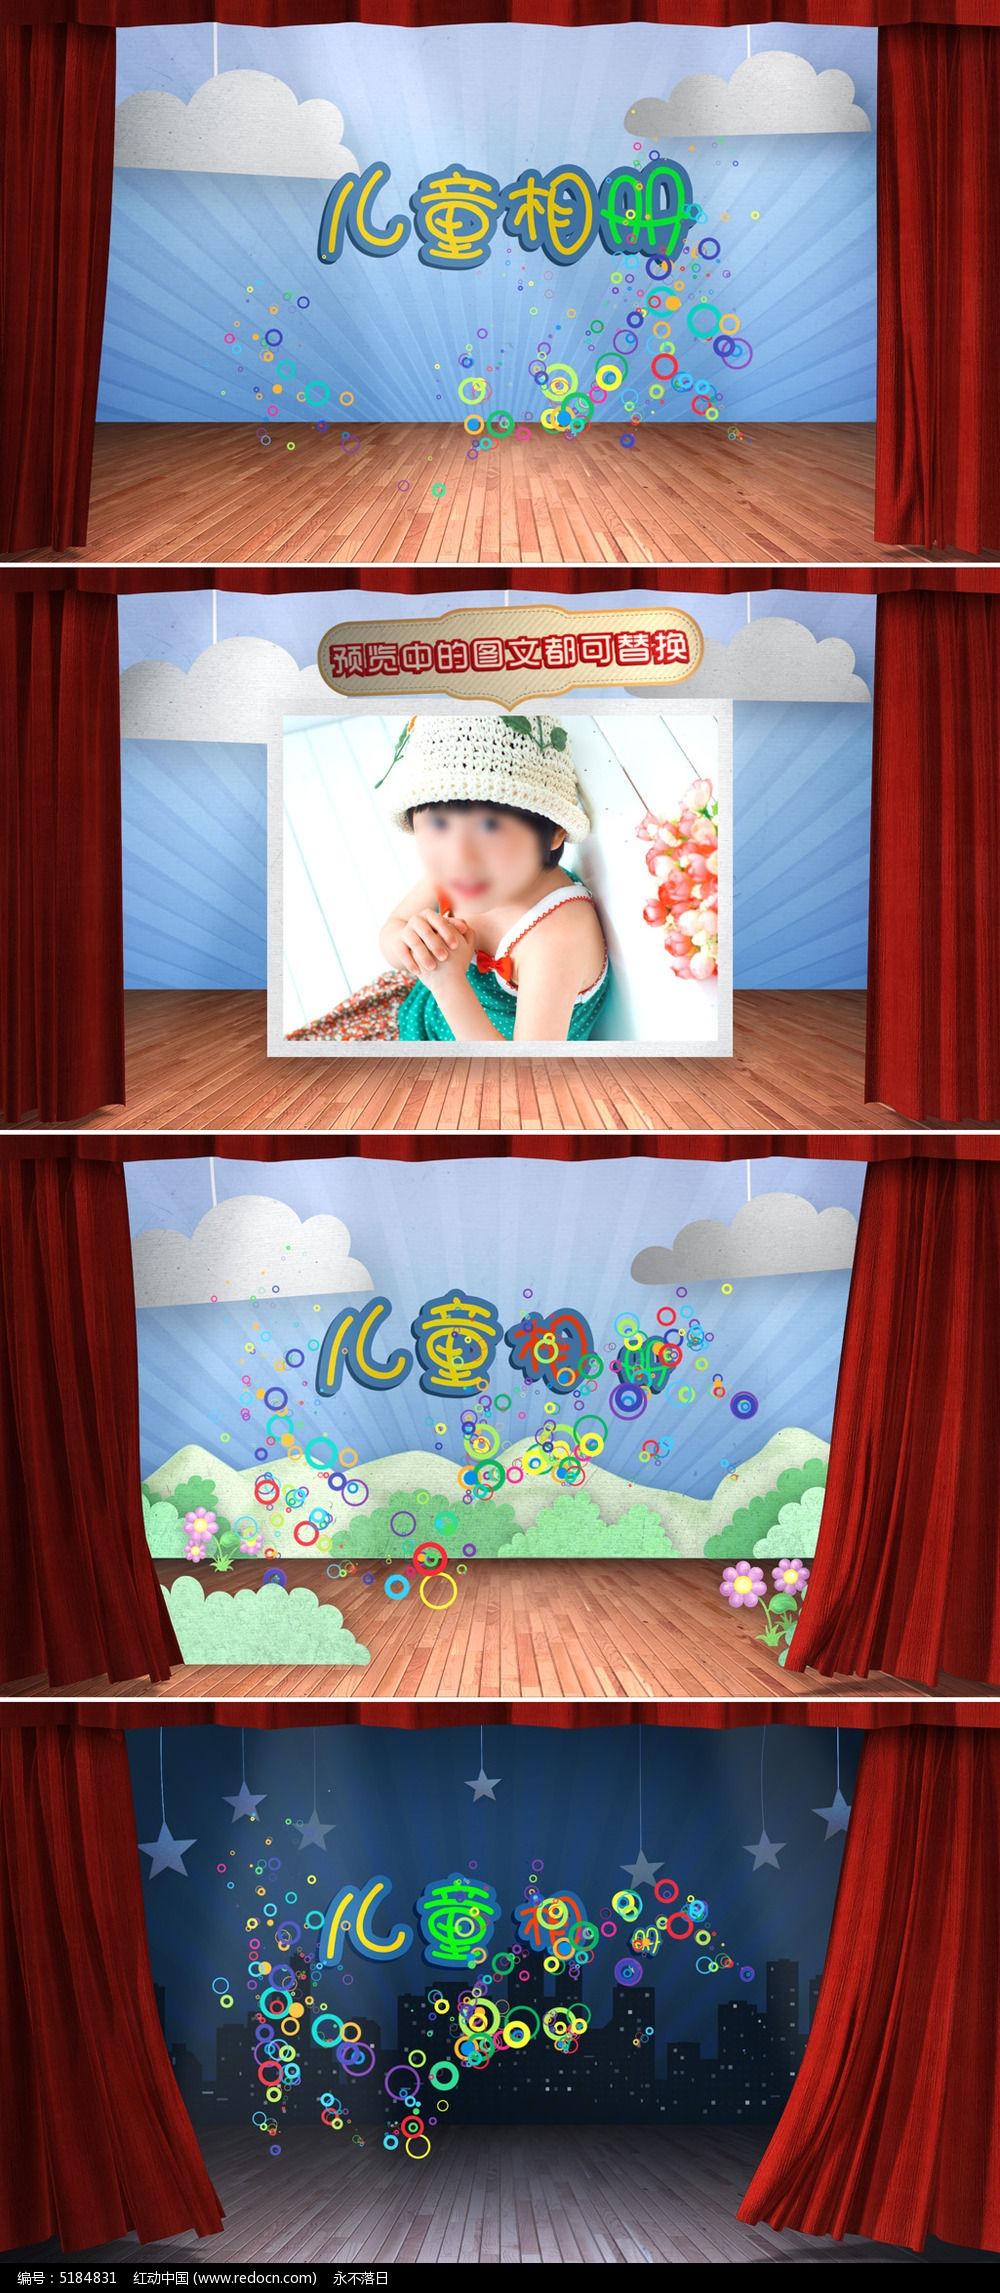 生日礼物甜心宝贝ae相册含音乐图片